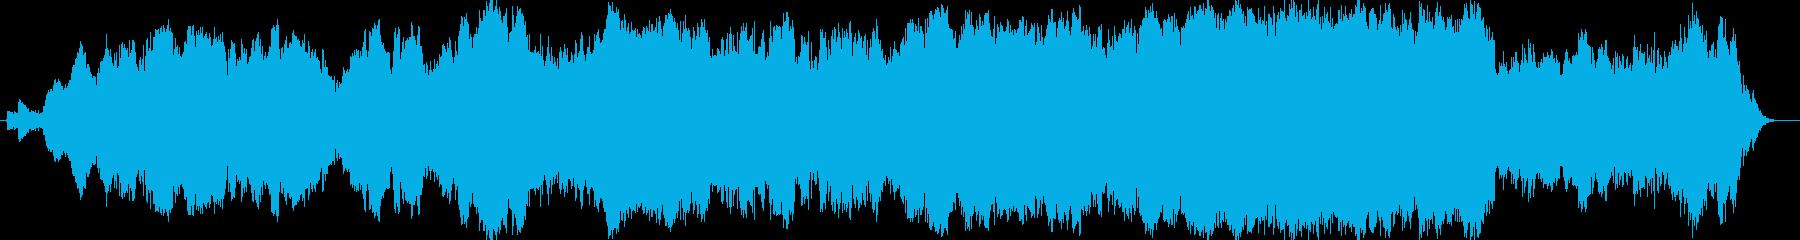 切ない終焉の再生済みの波形